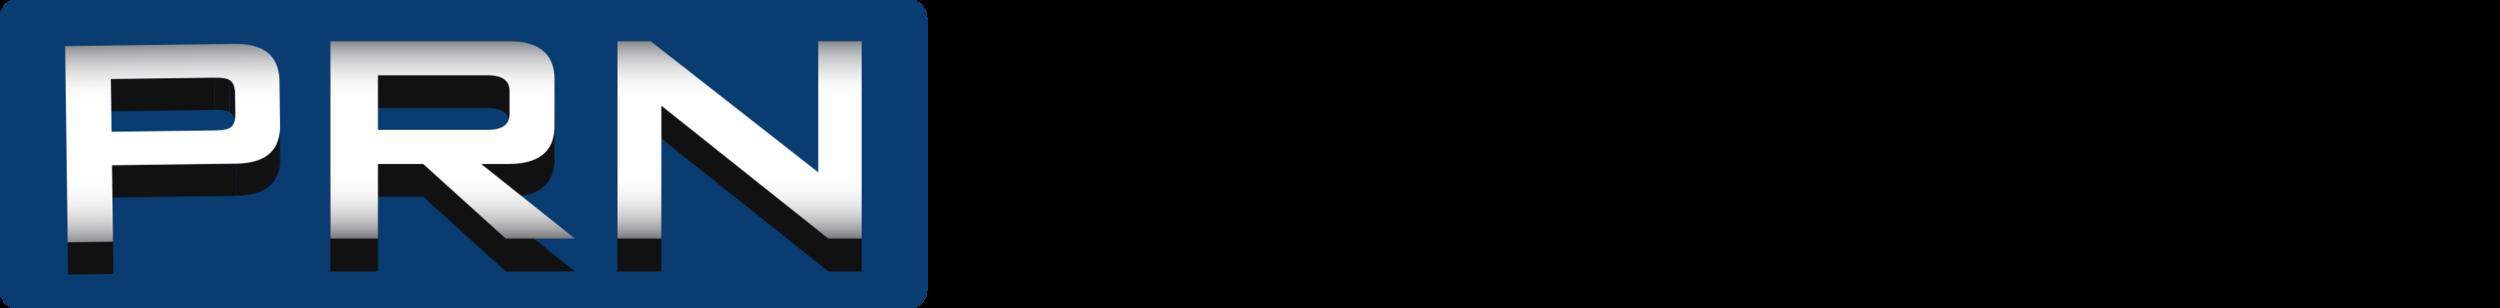 PRN-emblem-final-v3.png